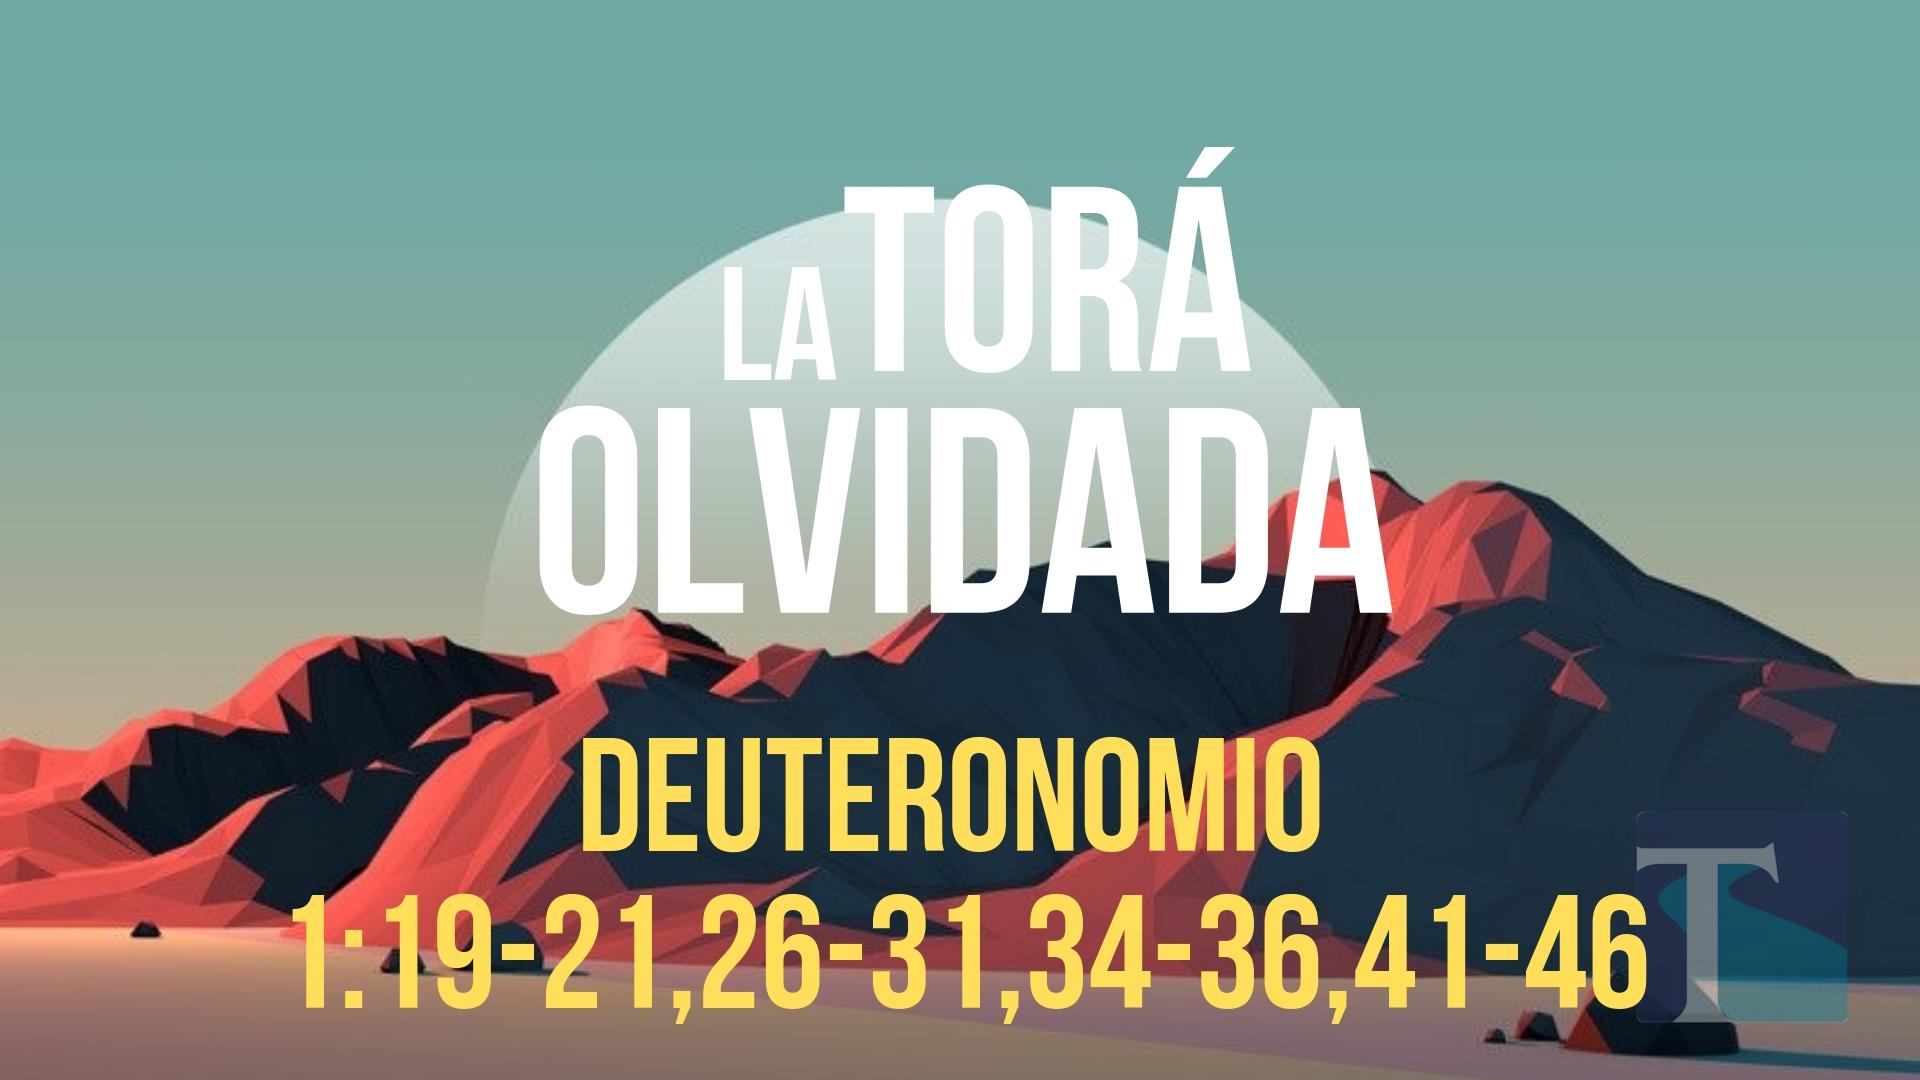 La Tora Olvidada 2-4.jpg